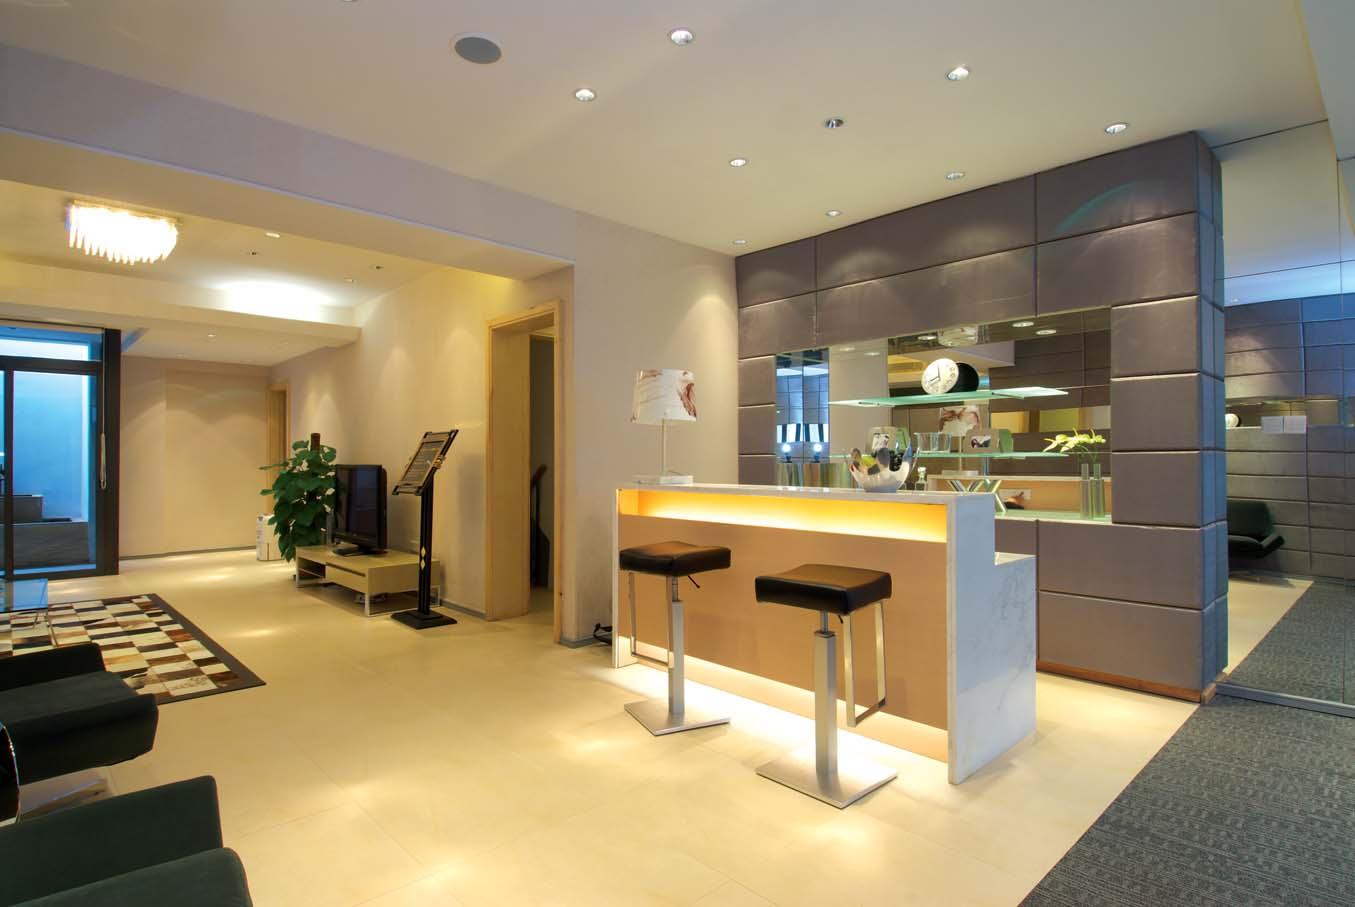 厨房图片来自成都龙发装饰公司在置信牧山丽景 现代风格设计的分享